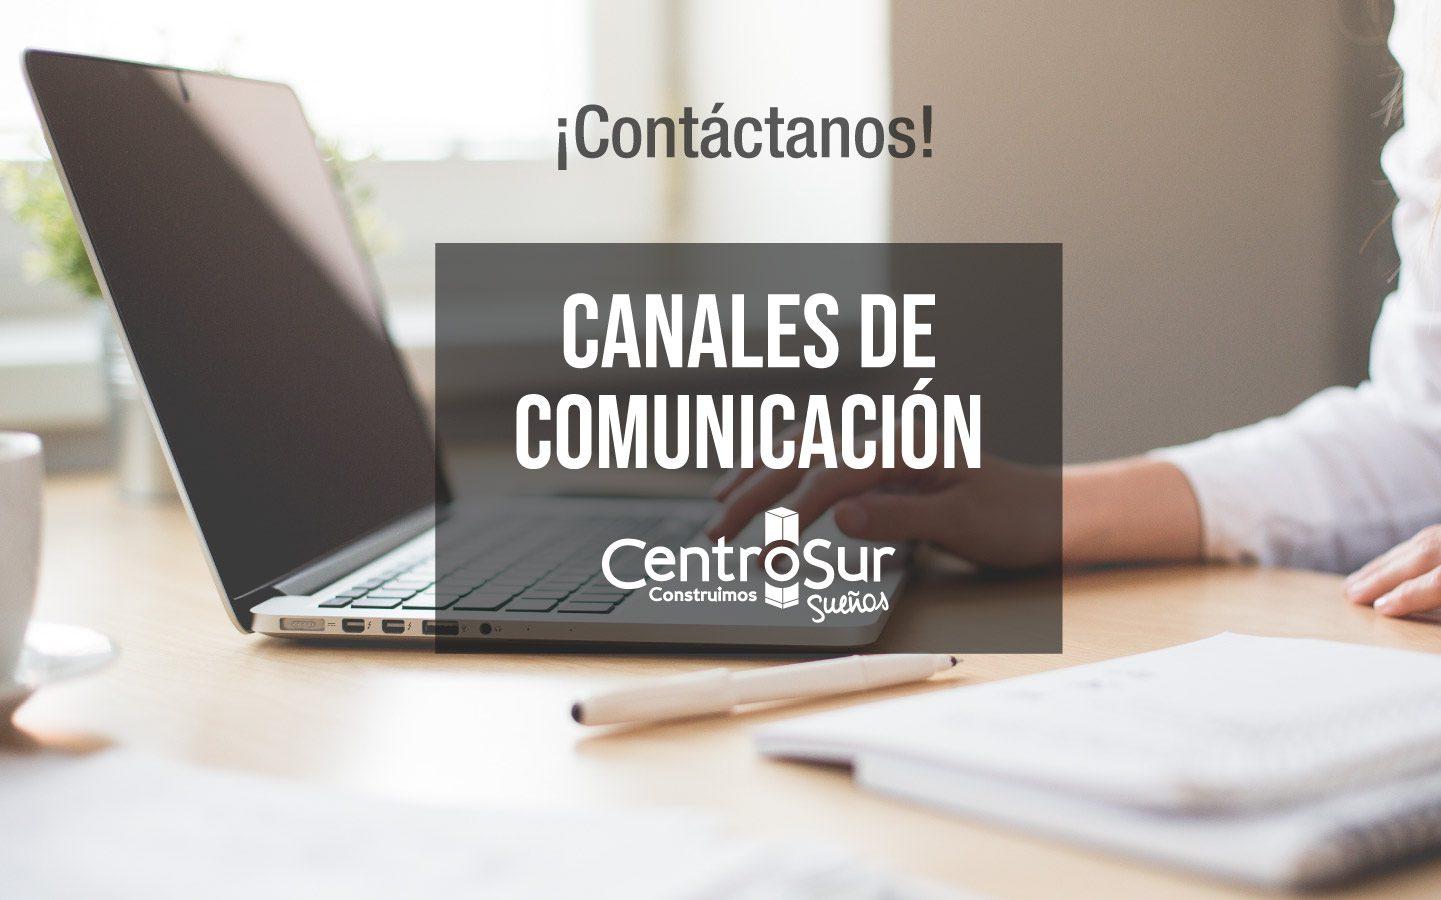 ¿Cuáles son los canales de comunicación Centro Sur?